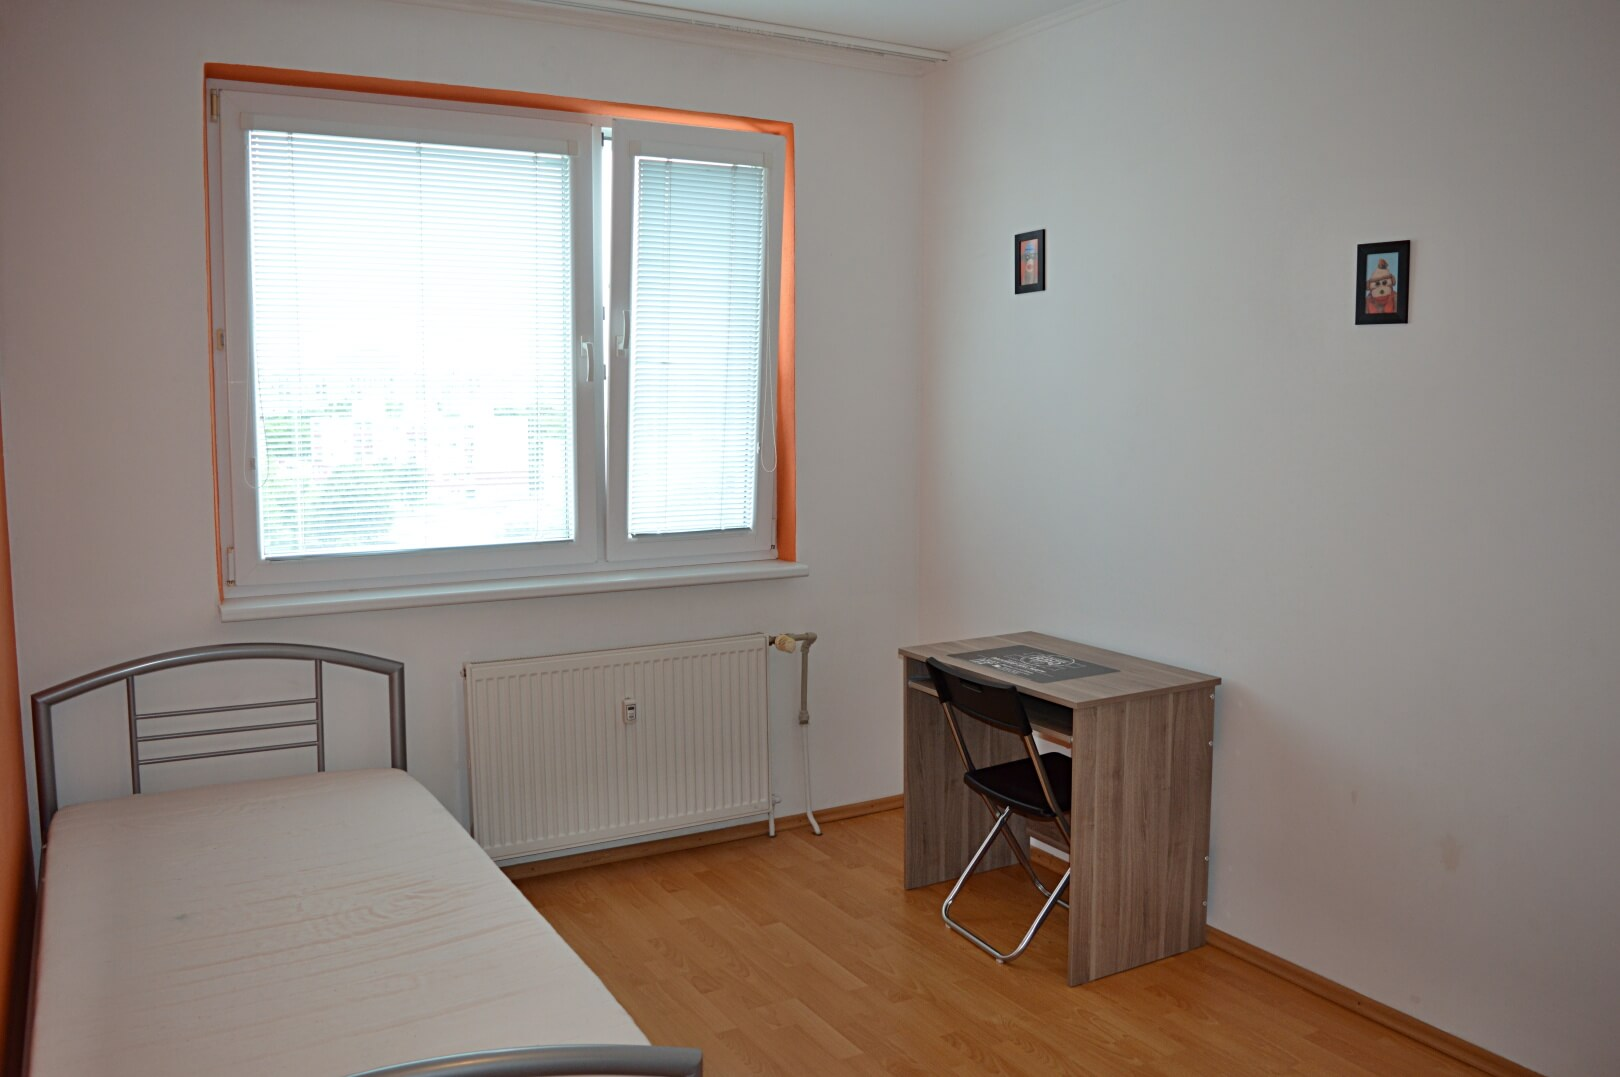 Predané-  zrekonštruovaný zariadený 4 izbový byt v príjemnej lokalite Petržalky na Holíčskej-6